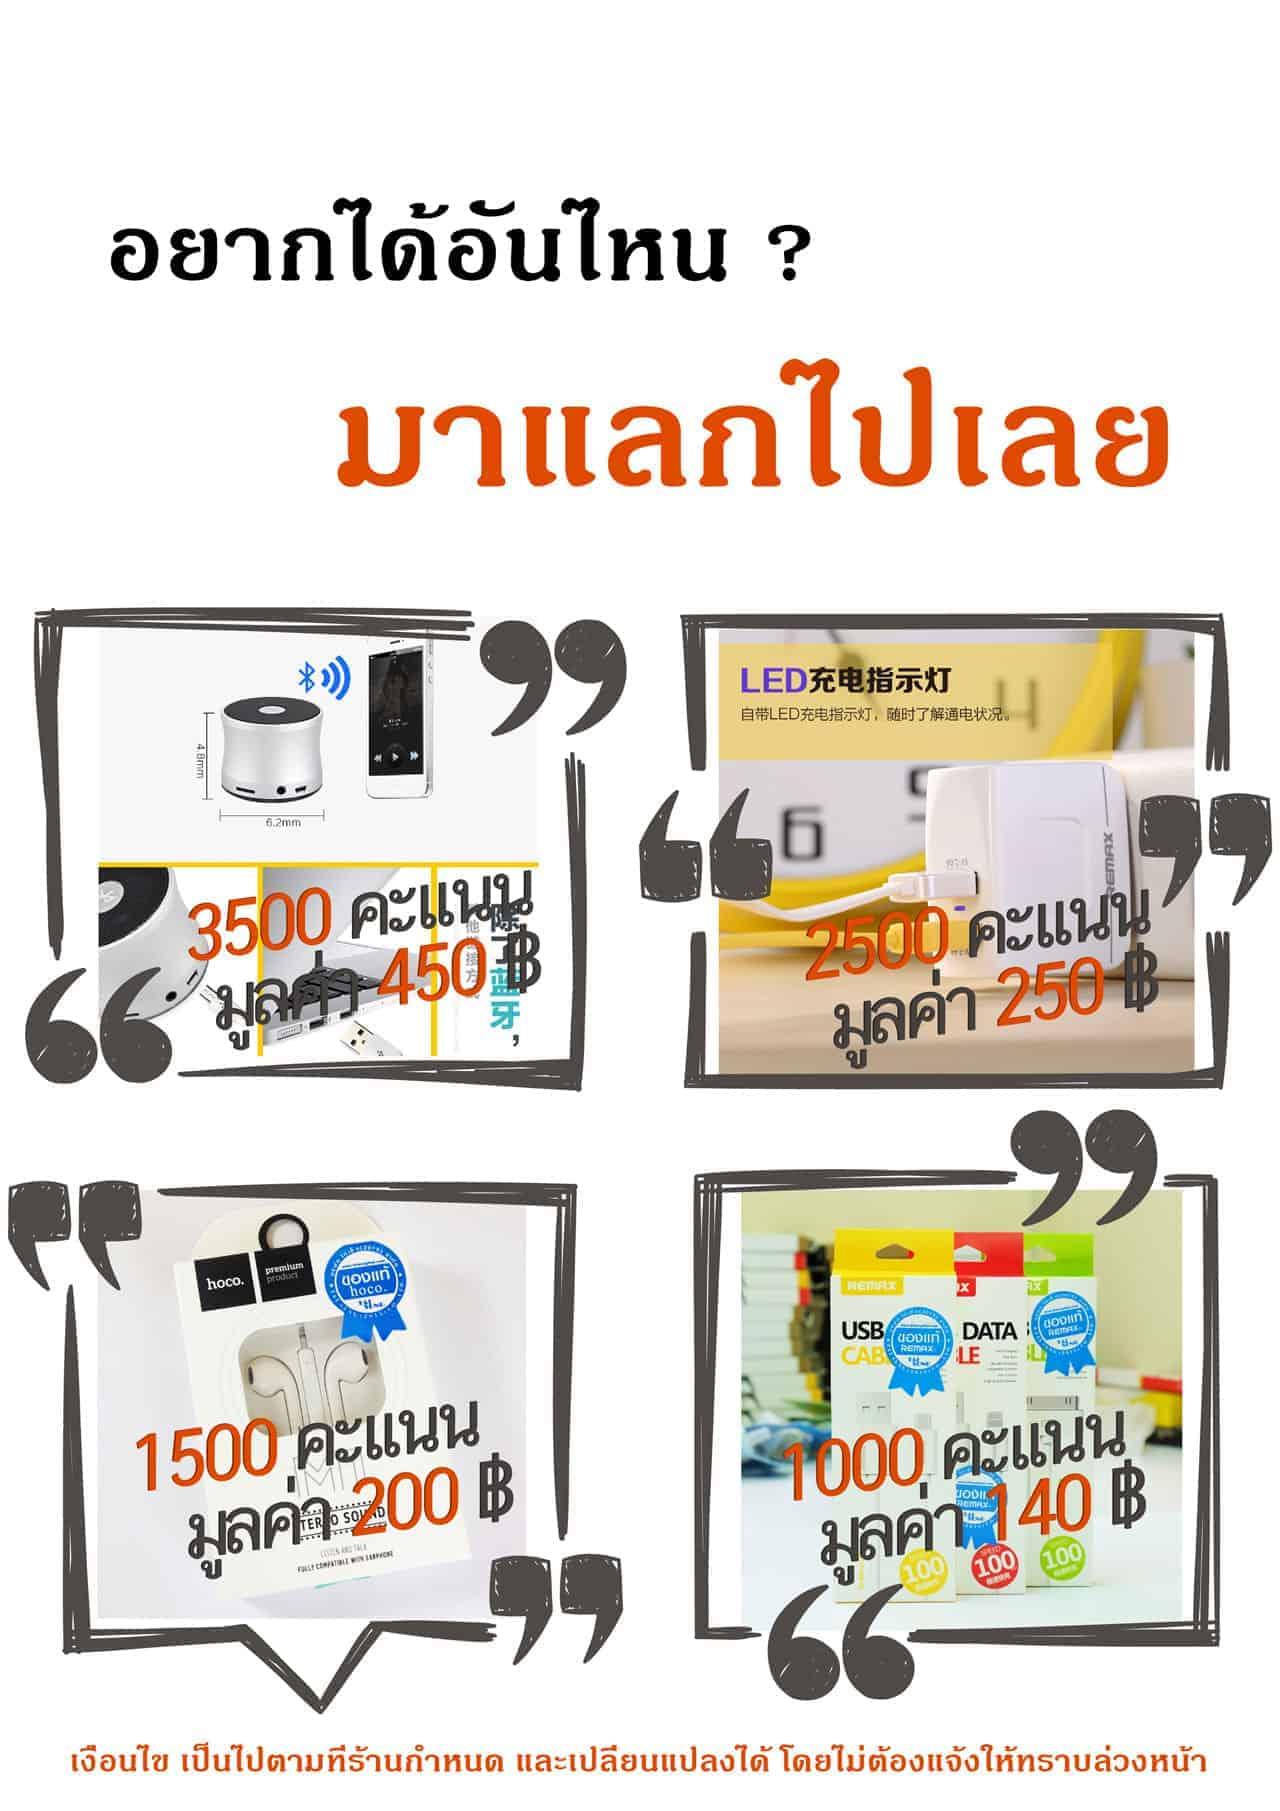 คูปองสะสม-แลกรางวัลทางร้าน-mobile-station-trang